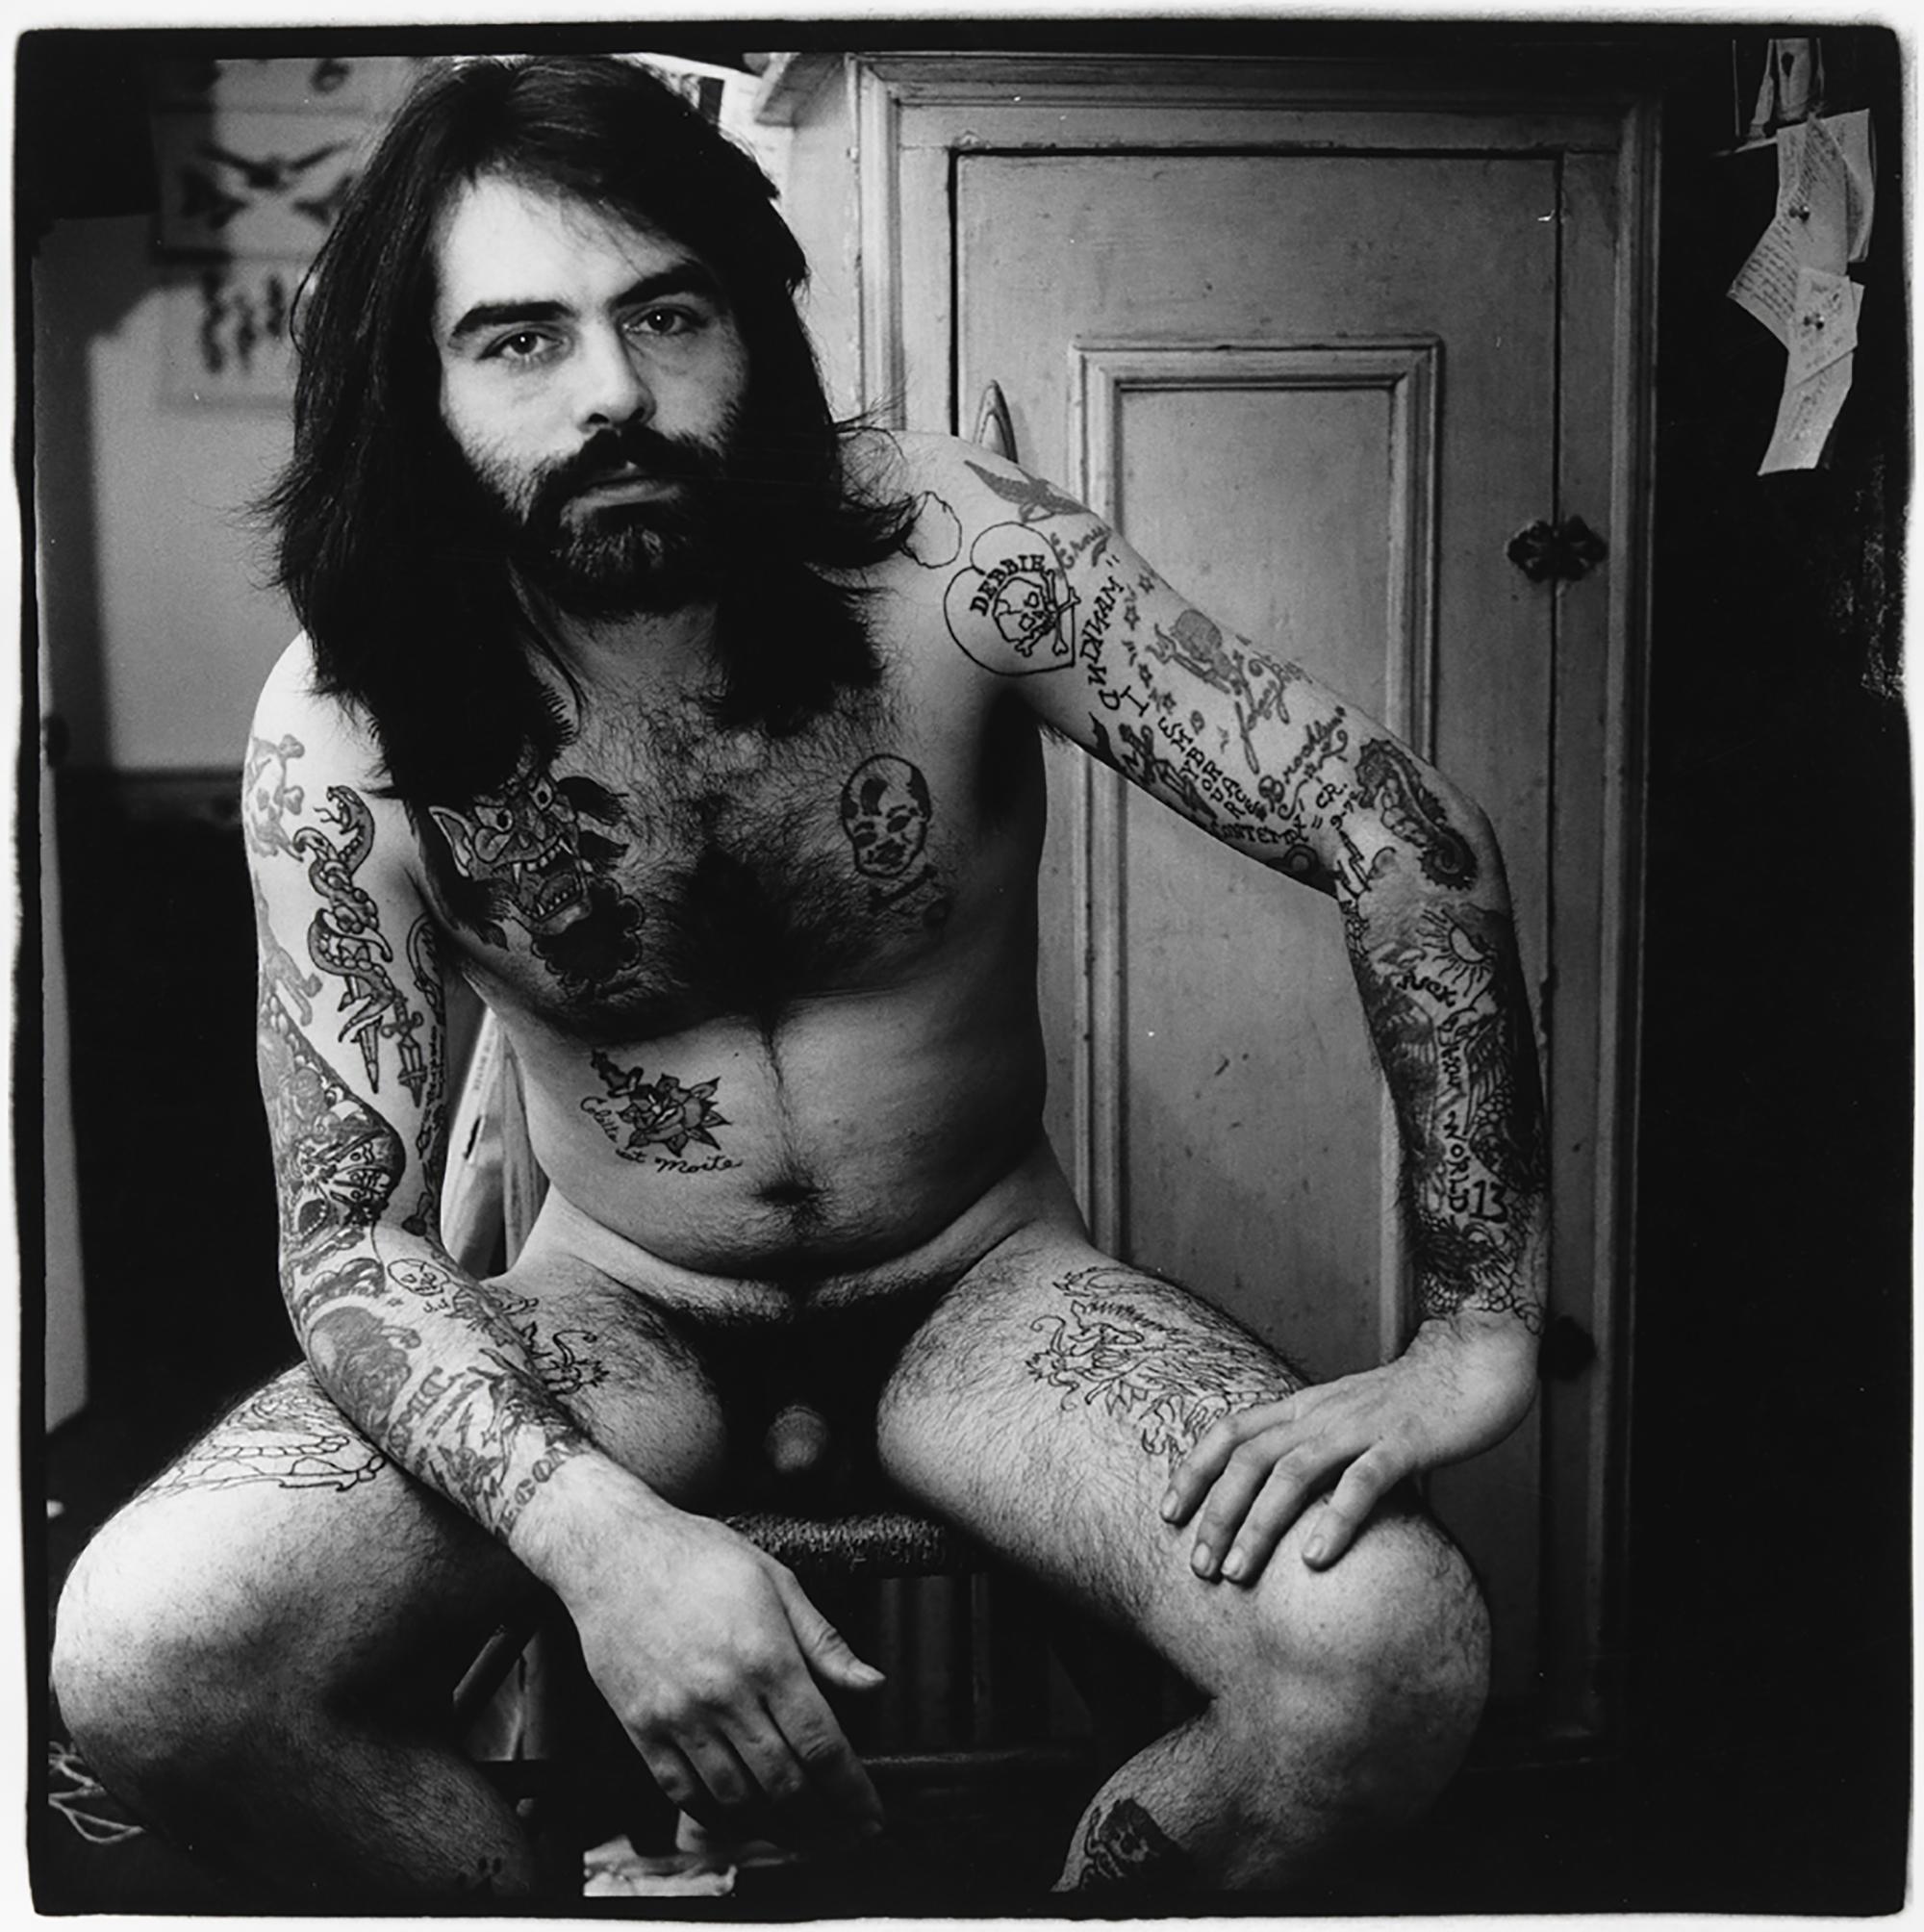 Fotó: Peter Hujar: Ernie, 1974 © Peter Hujar Archive / Fraenkel Gallery